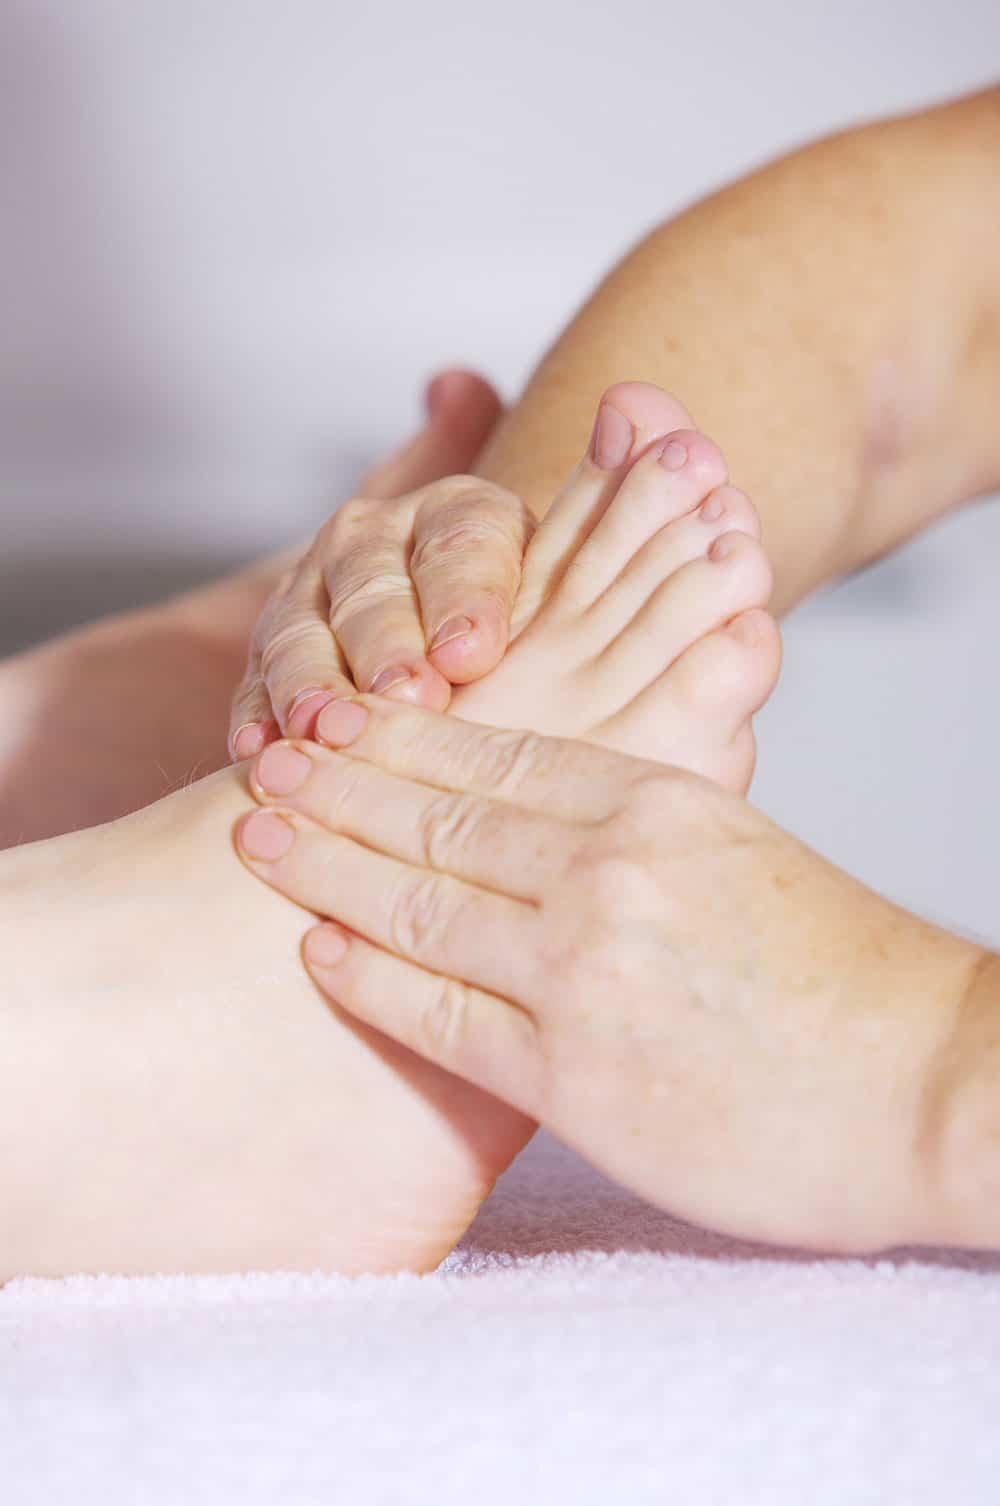 Reflexology Feet Relaxation Stress Insomnia Sleep Fertility